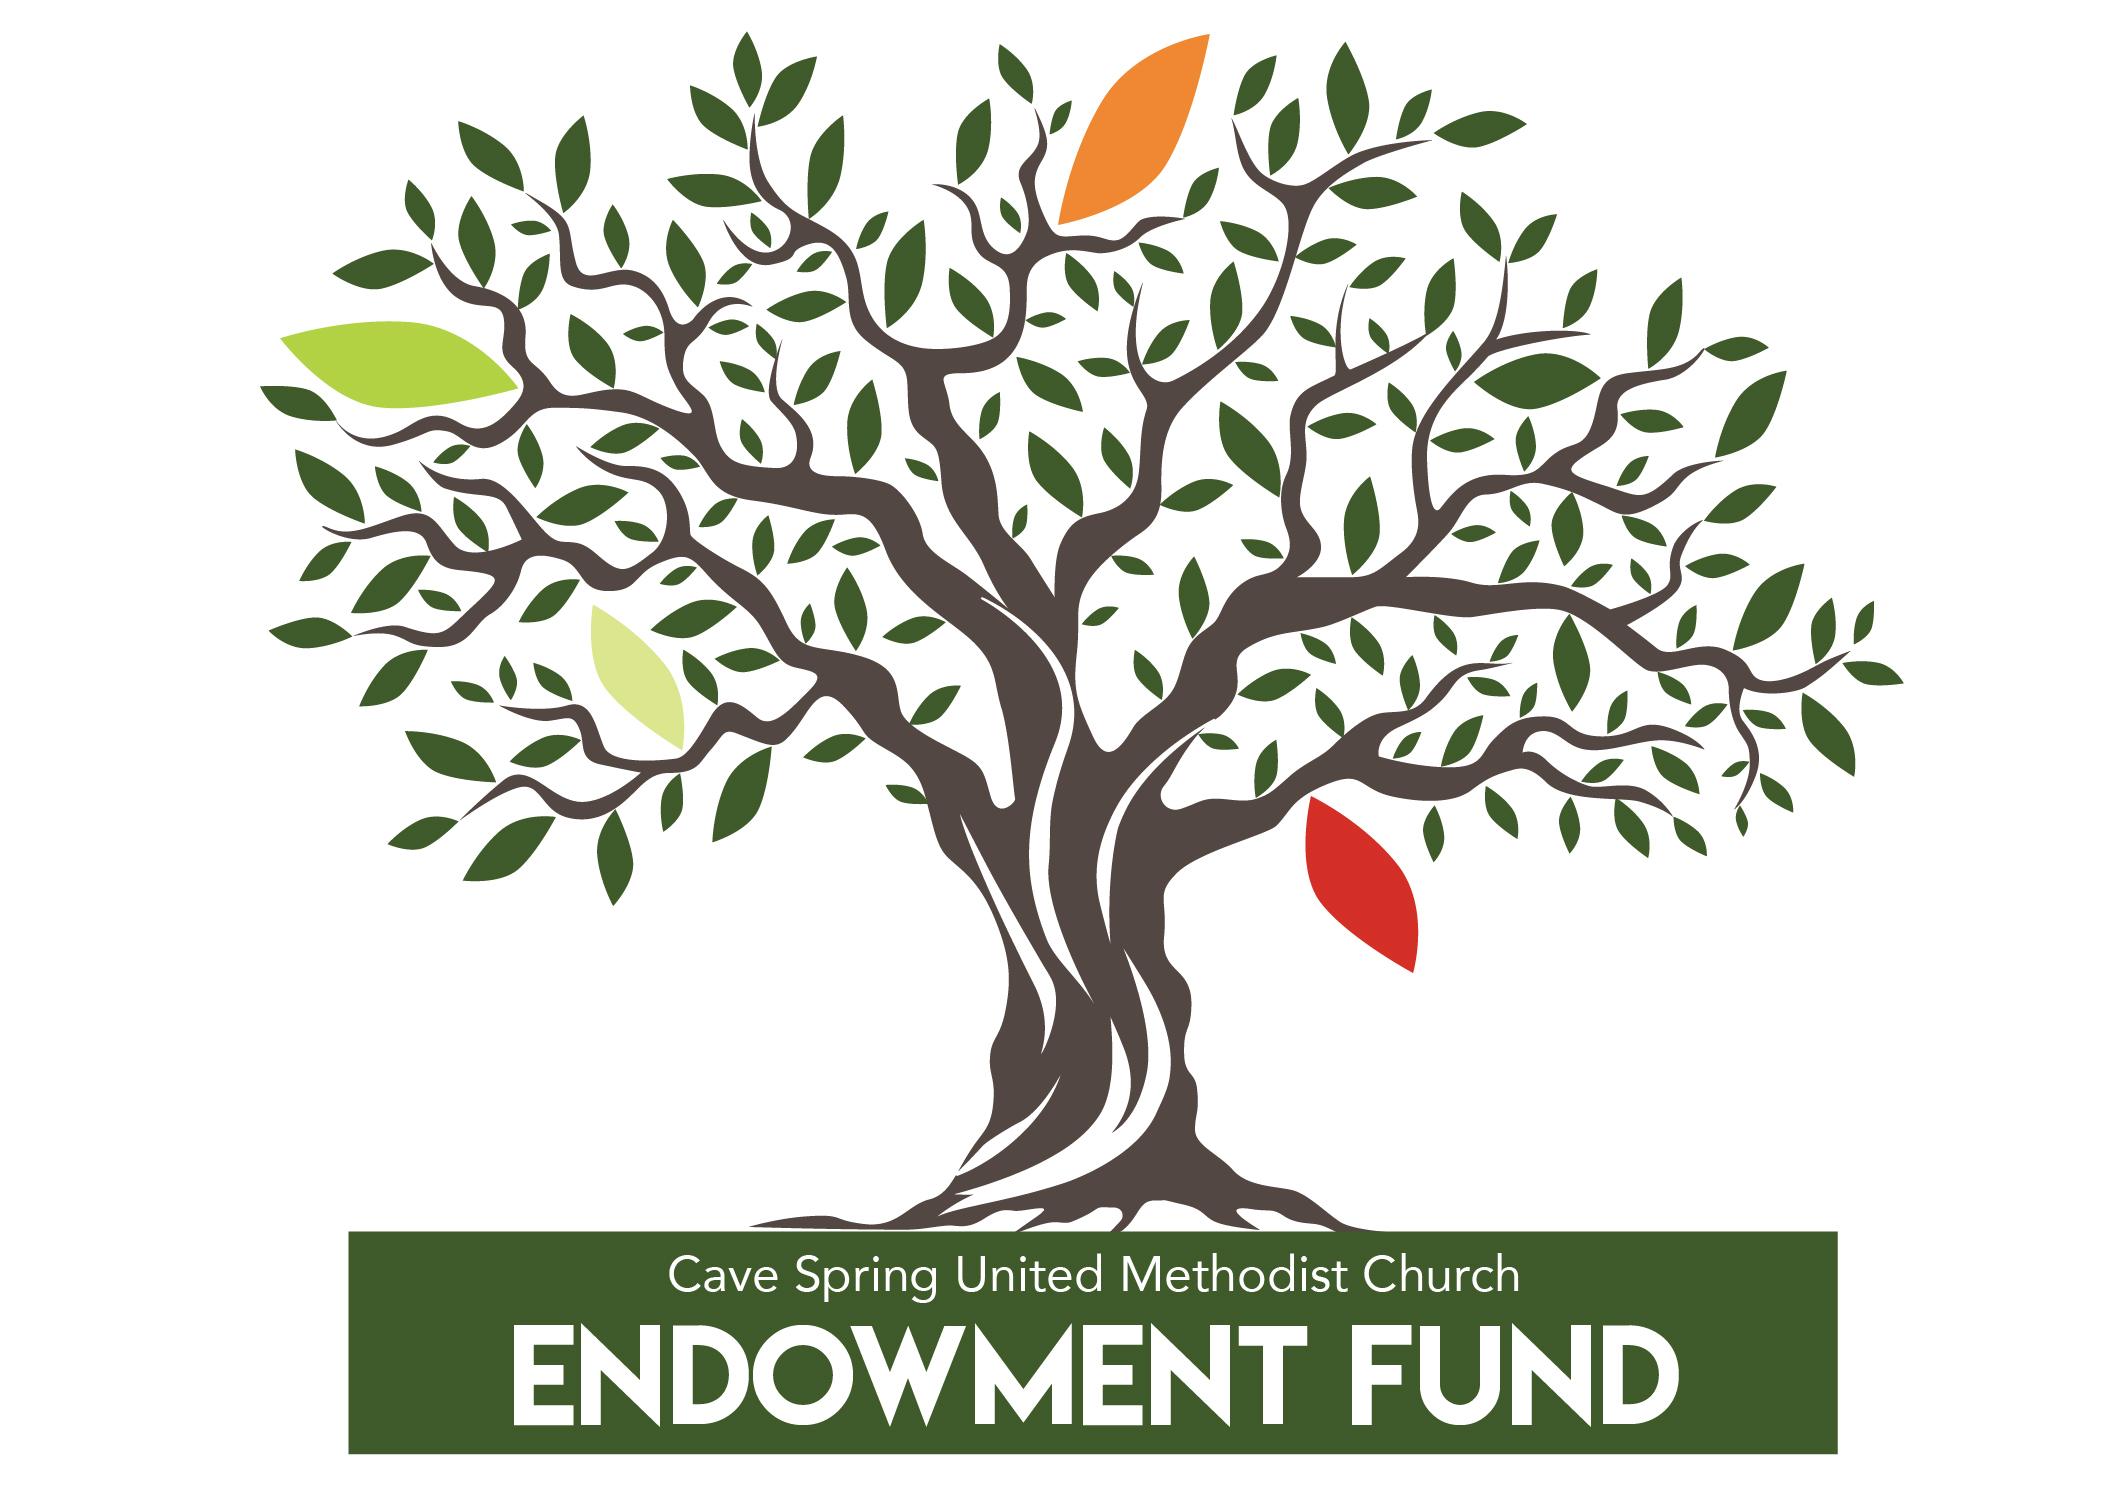 Endowment_Tree-02.jpg